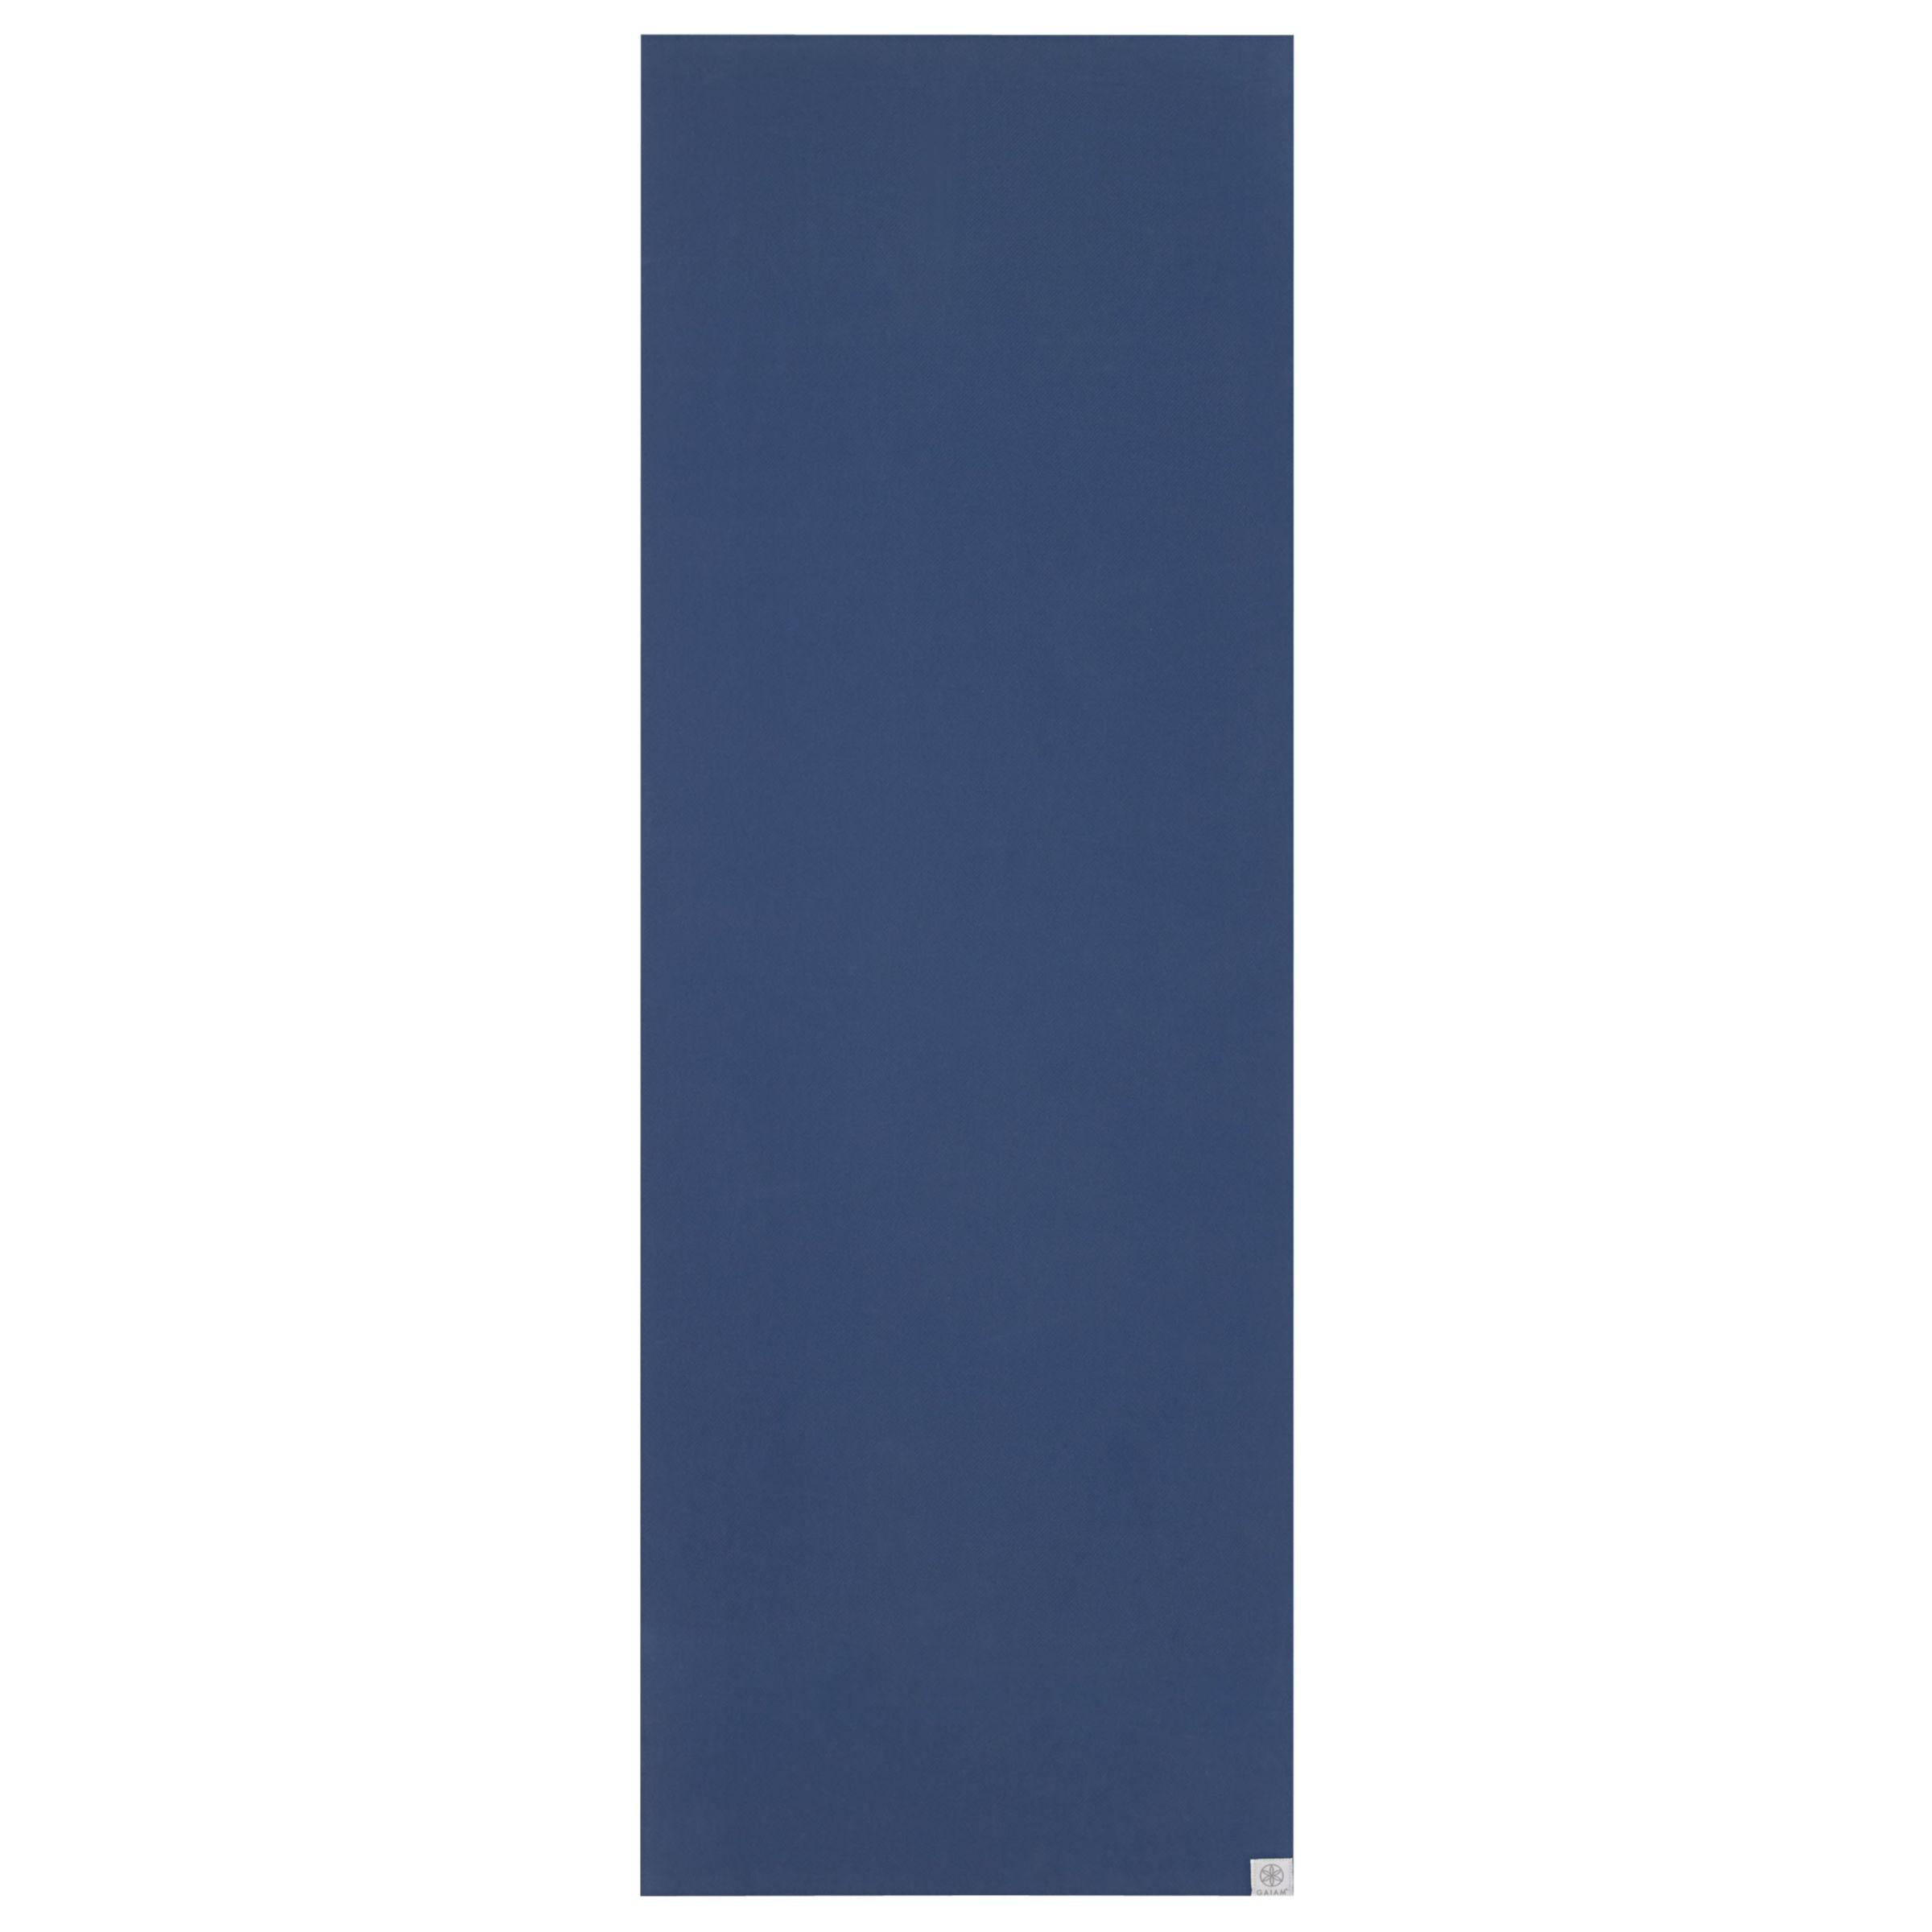 Gaiam Gaiam Premium-Grip Yoga Mat, Blue